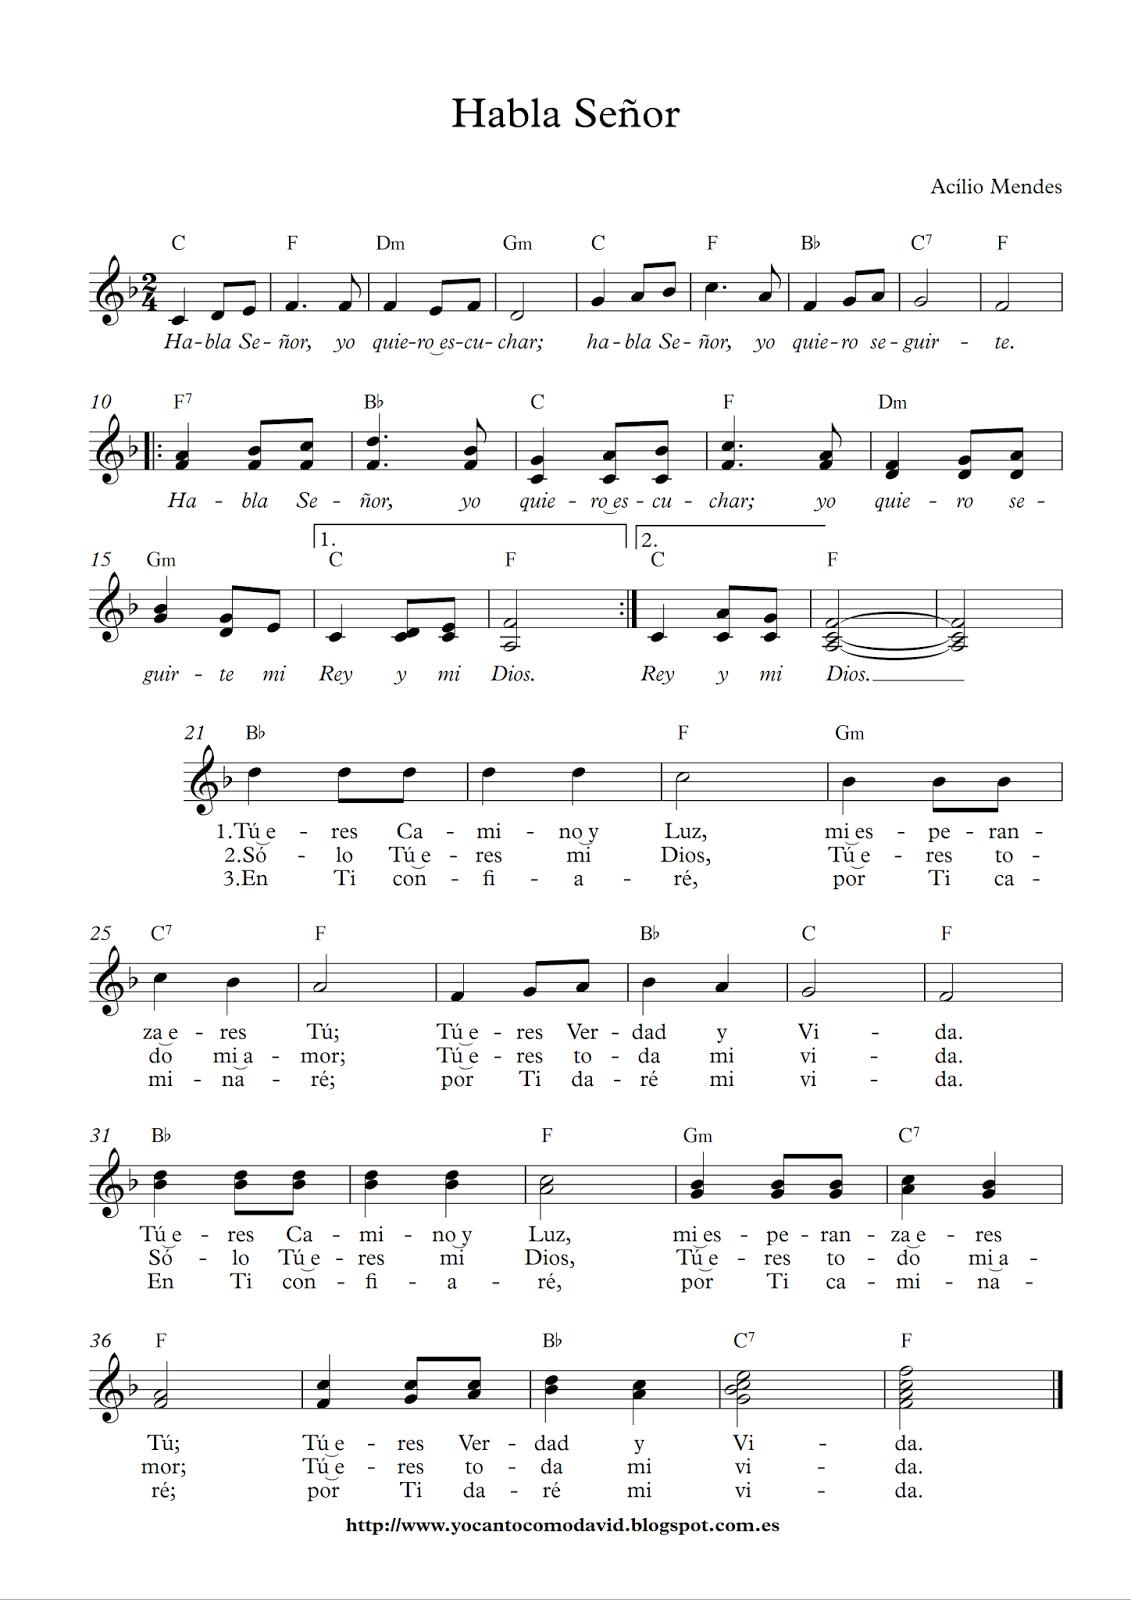 Habla Señor Yo Canto Como David Lecciones De Piano Frases Para Alumnos Musica Partituras